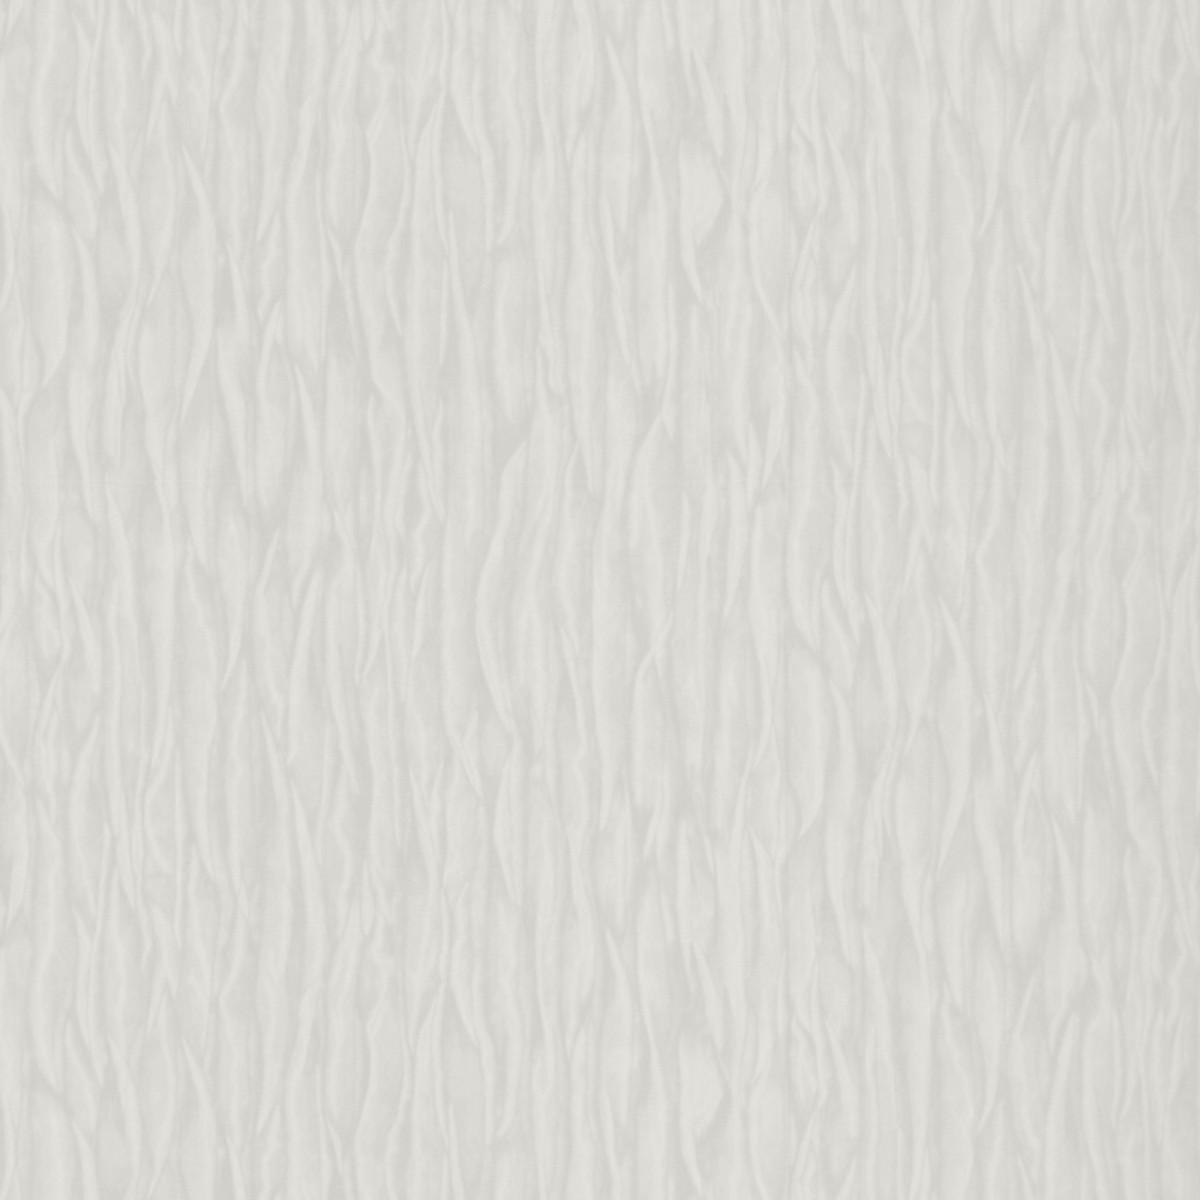 Обои флизелиновые Мир Авангард серые 1.06 м 45-242-05